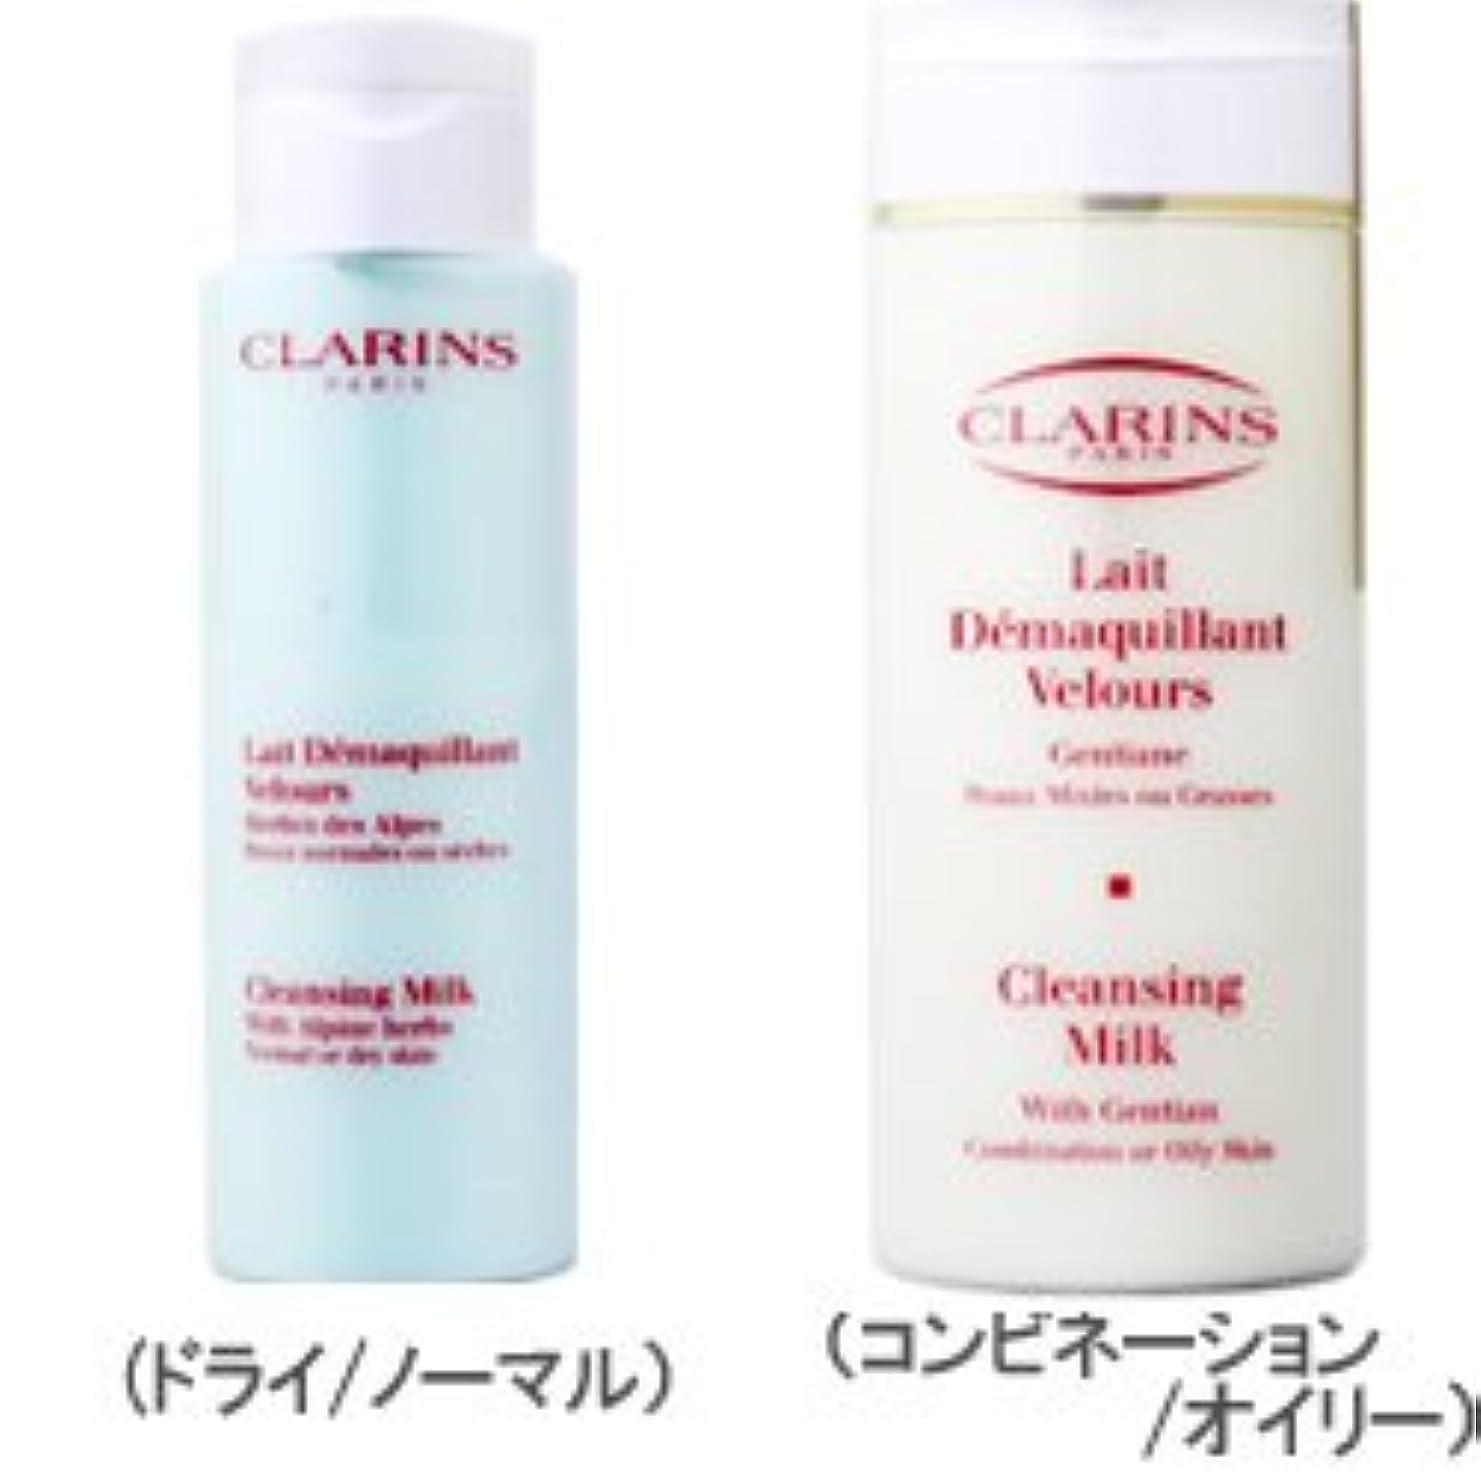 広げるスカルク経験的クラランス CLARINS クレンジング ミルク 200mL【コンビネーション/オイリー】 [並行輸入品]